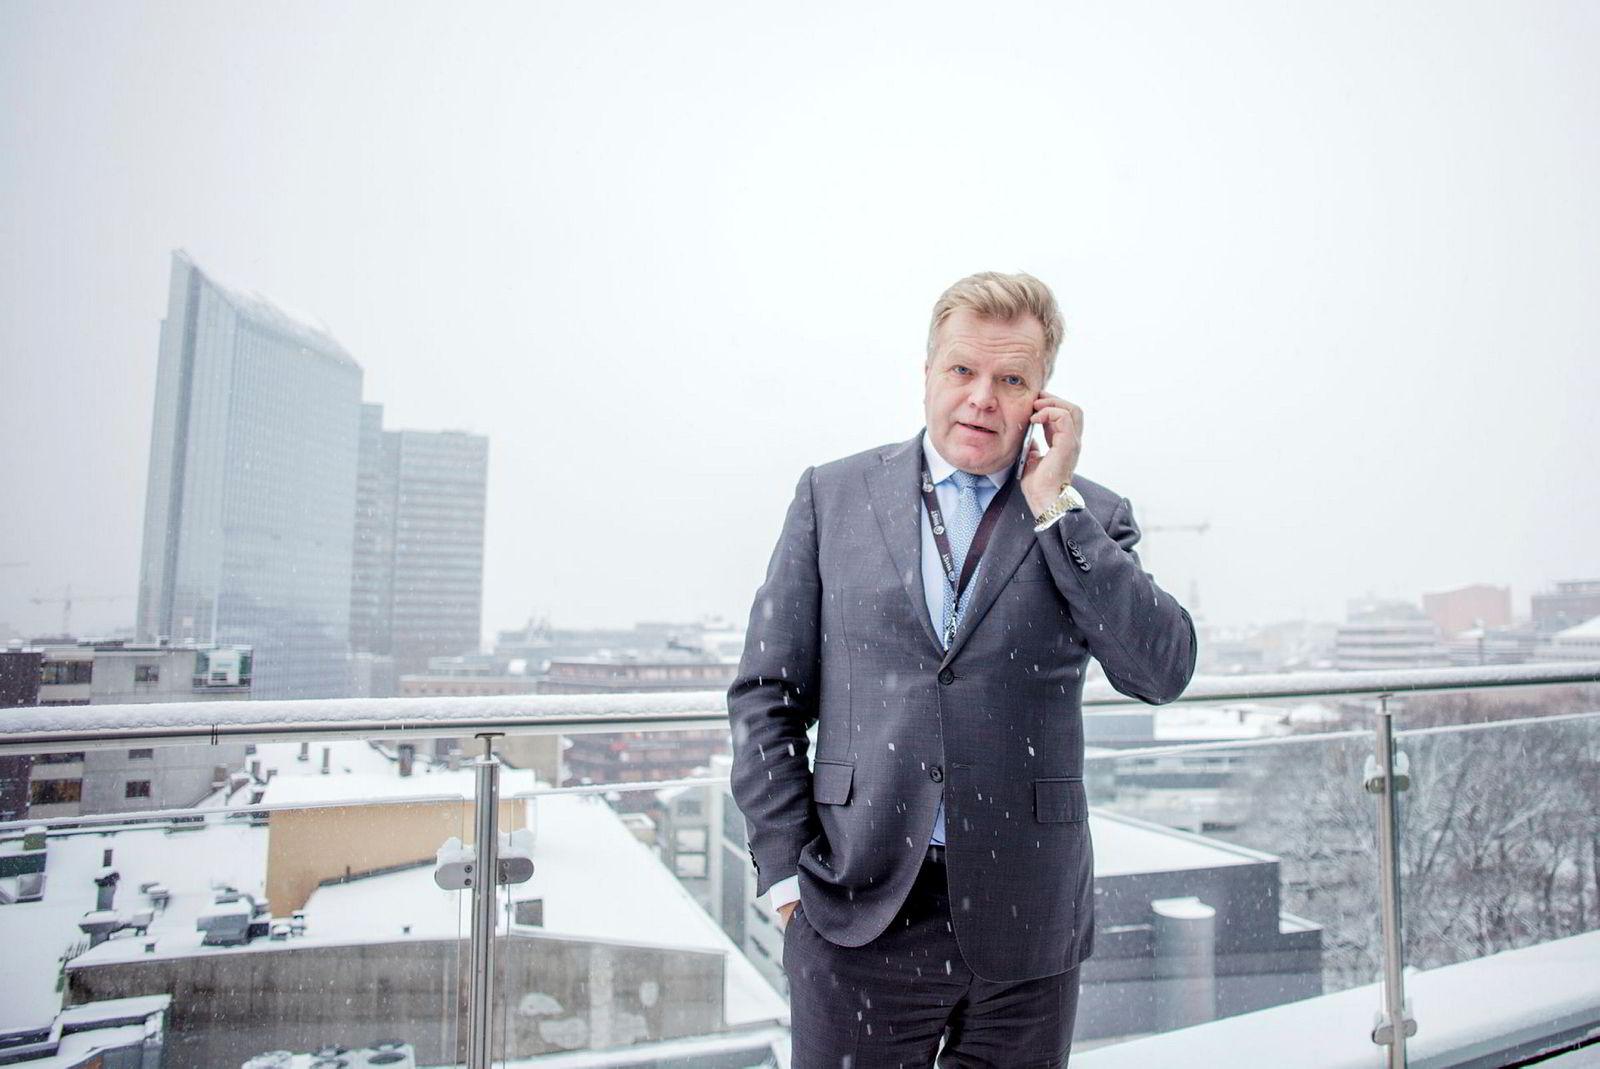 Visma-styreleder Gunnar Bjørkavåg mener det ikke er fastslått med sikkerhet at kinesere står bak hackerangrepet.